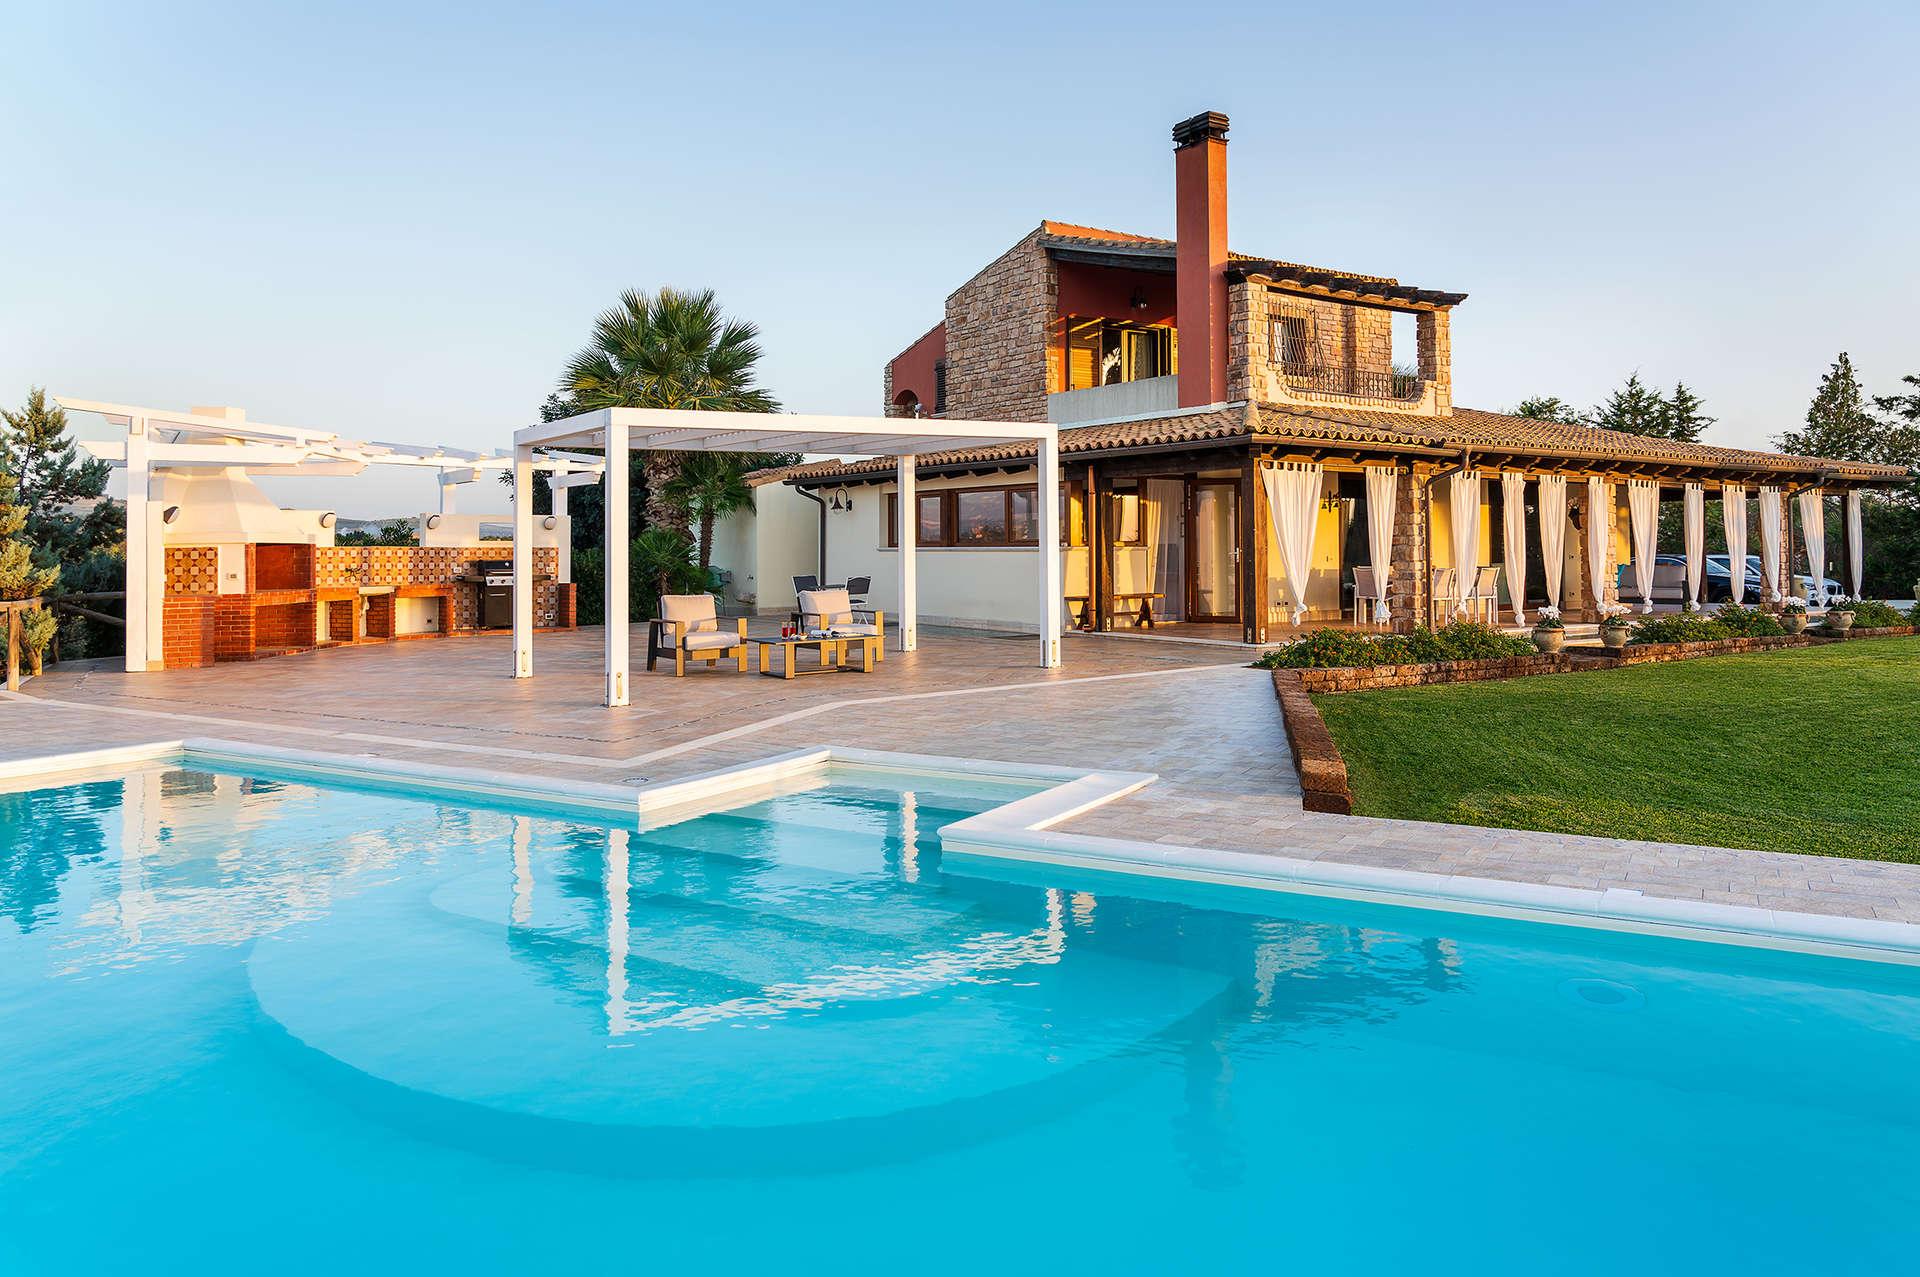 - Villa Cielo - Image 1/49